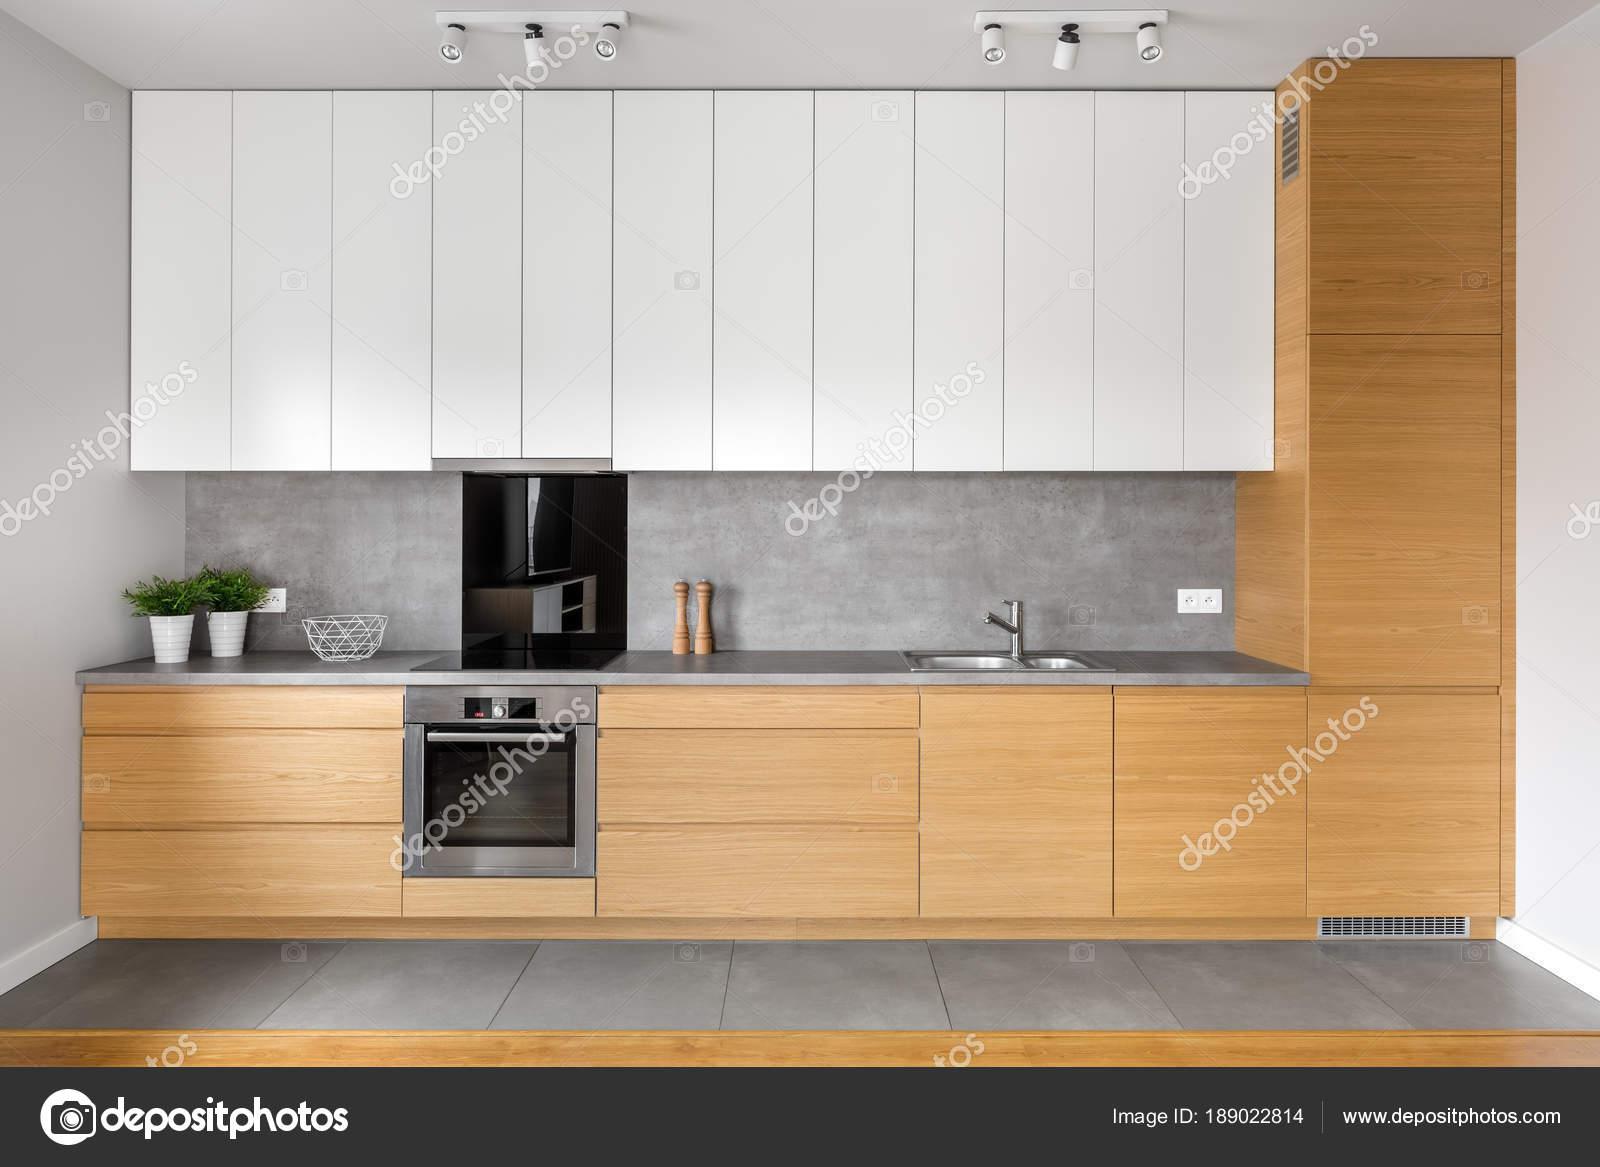 Cucina con piastrelle grigio — Foto Stock © in4mal #189022814